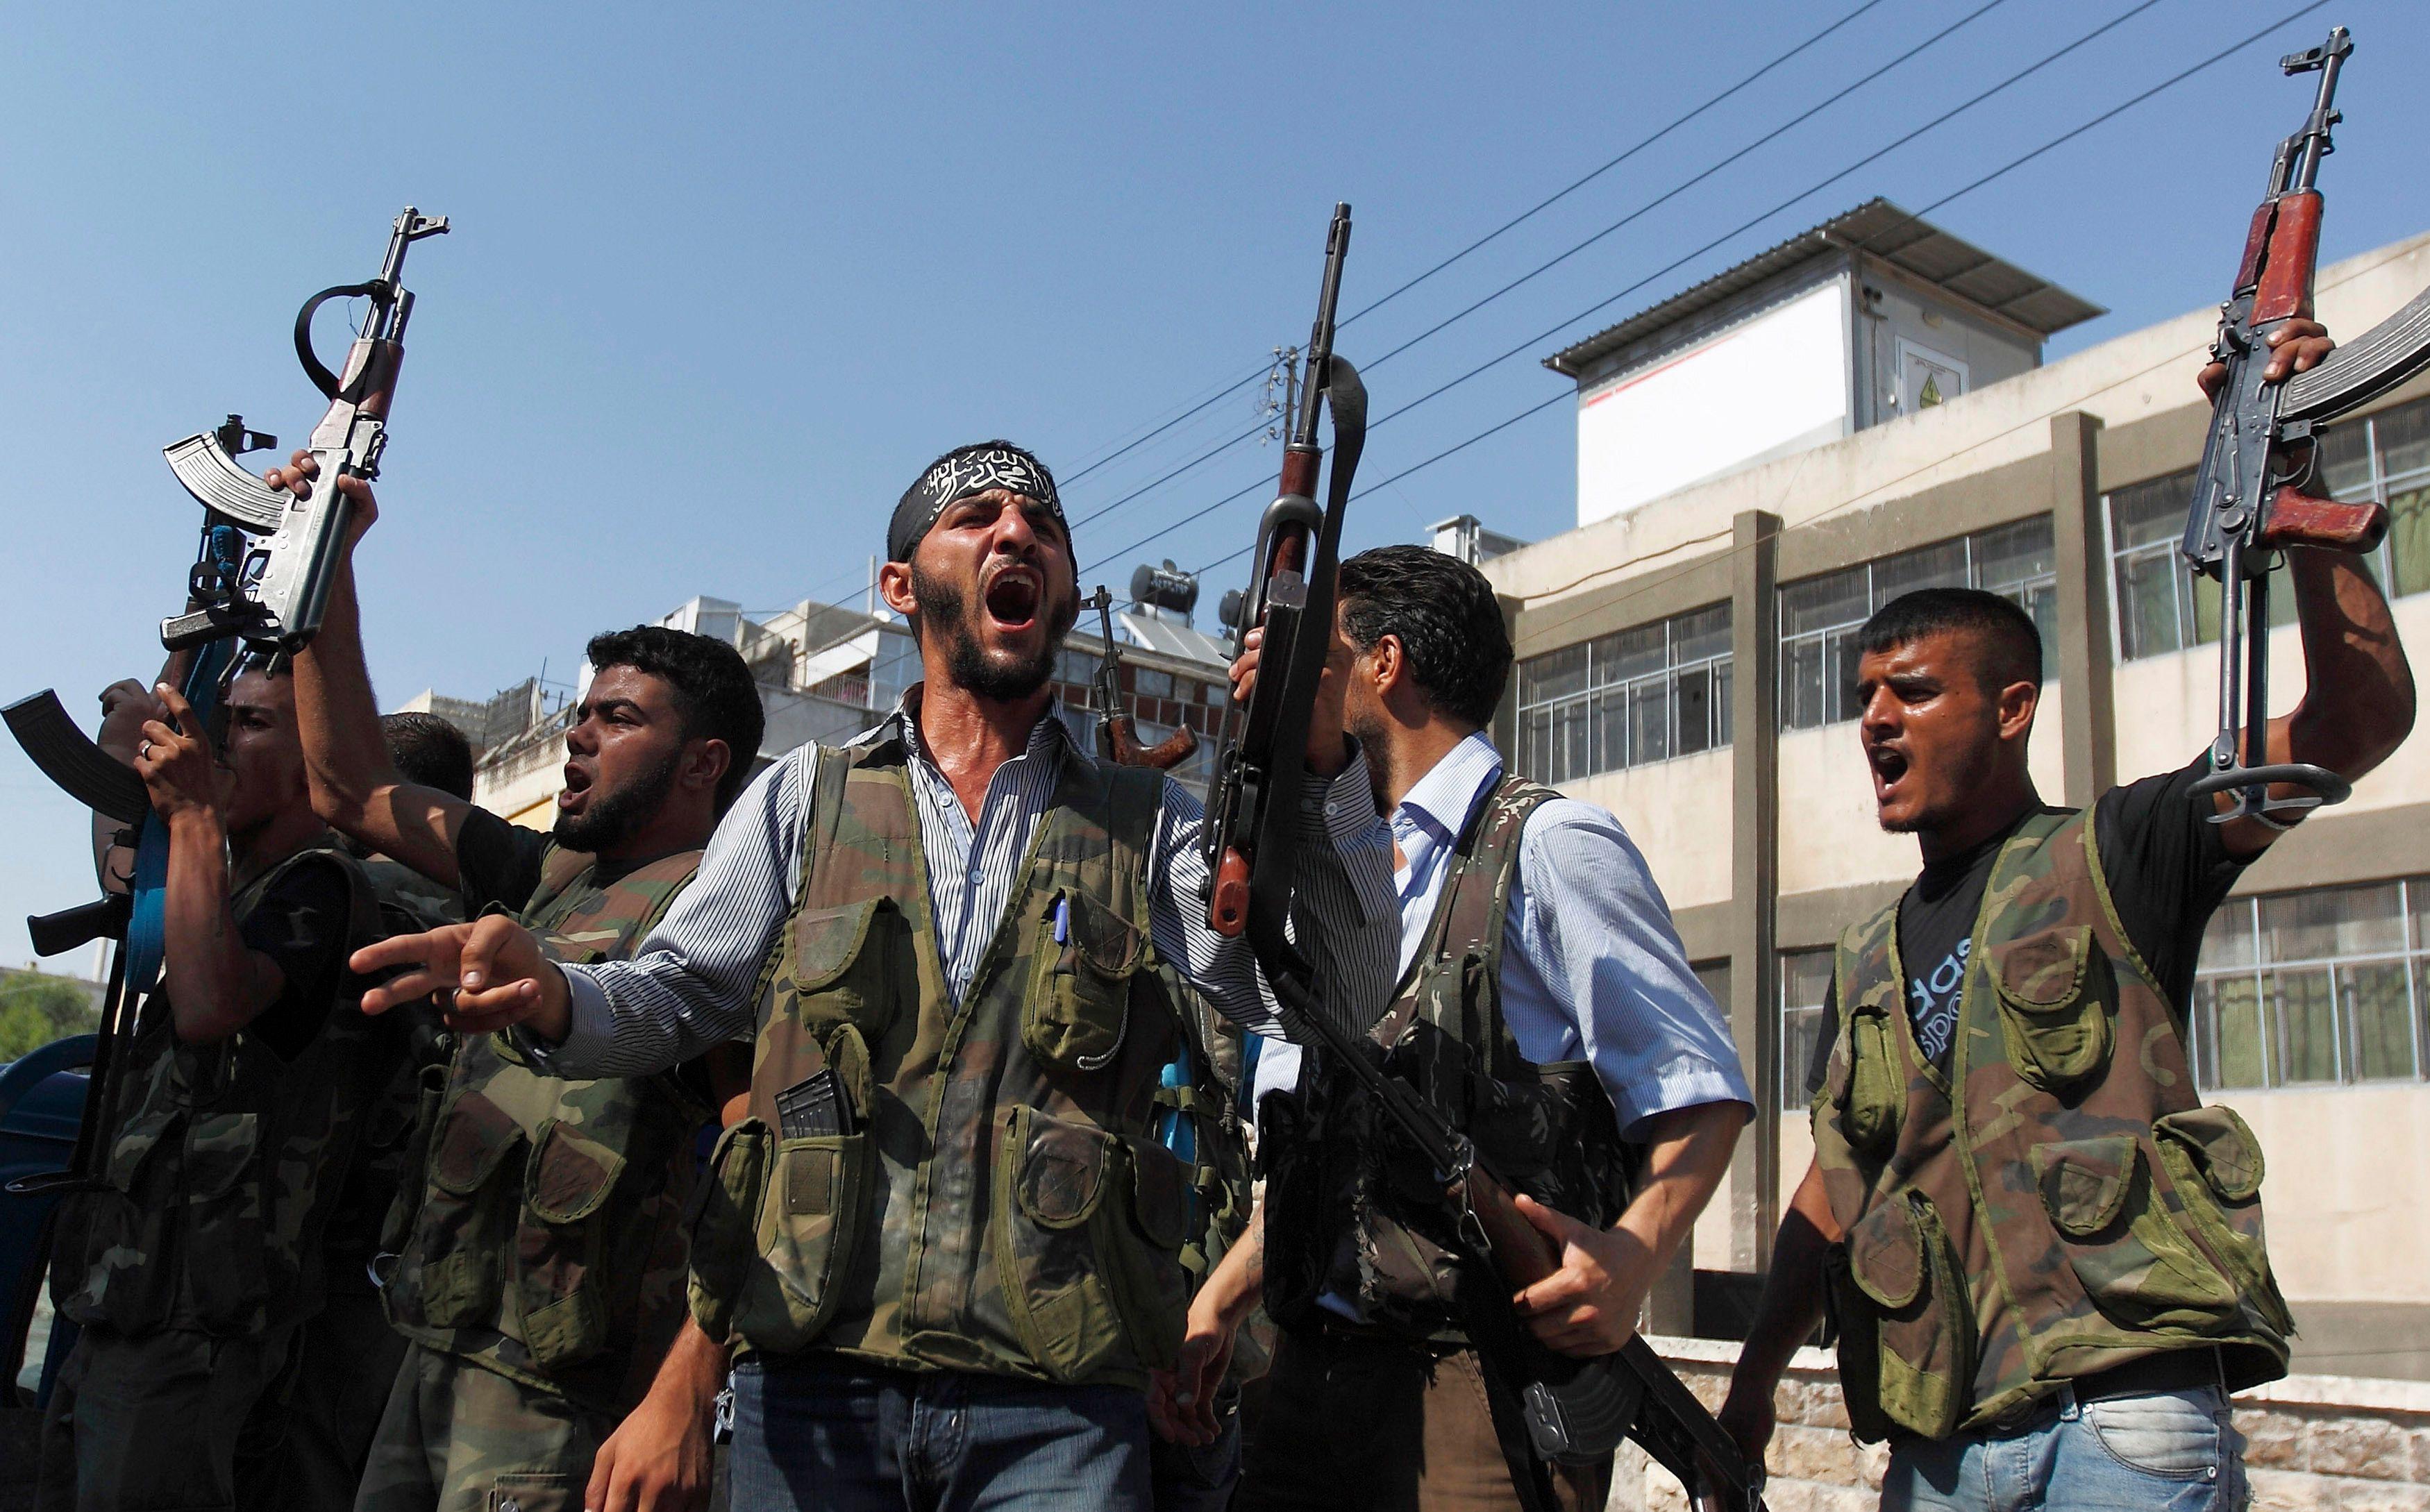 Des membres de l'Armée syrienne libre (ASL).